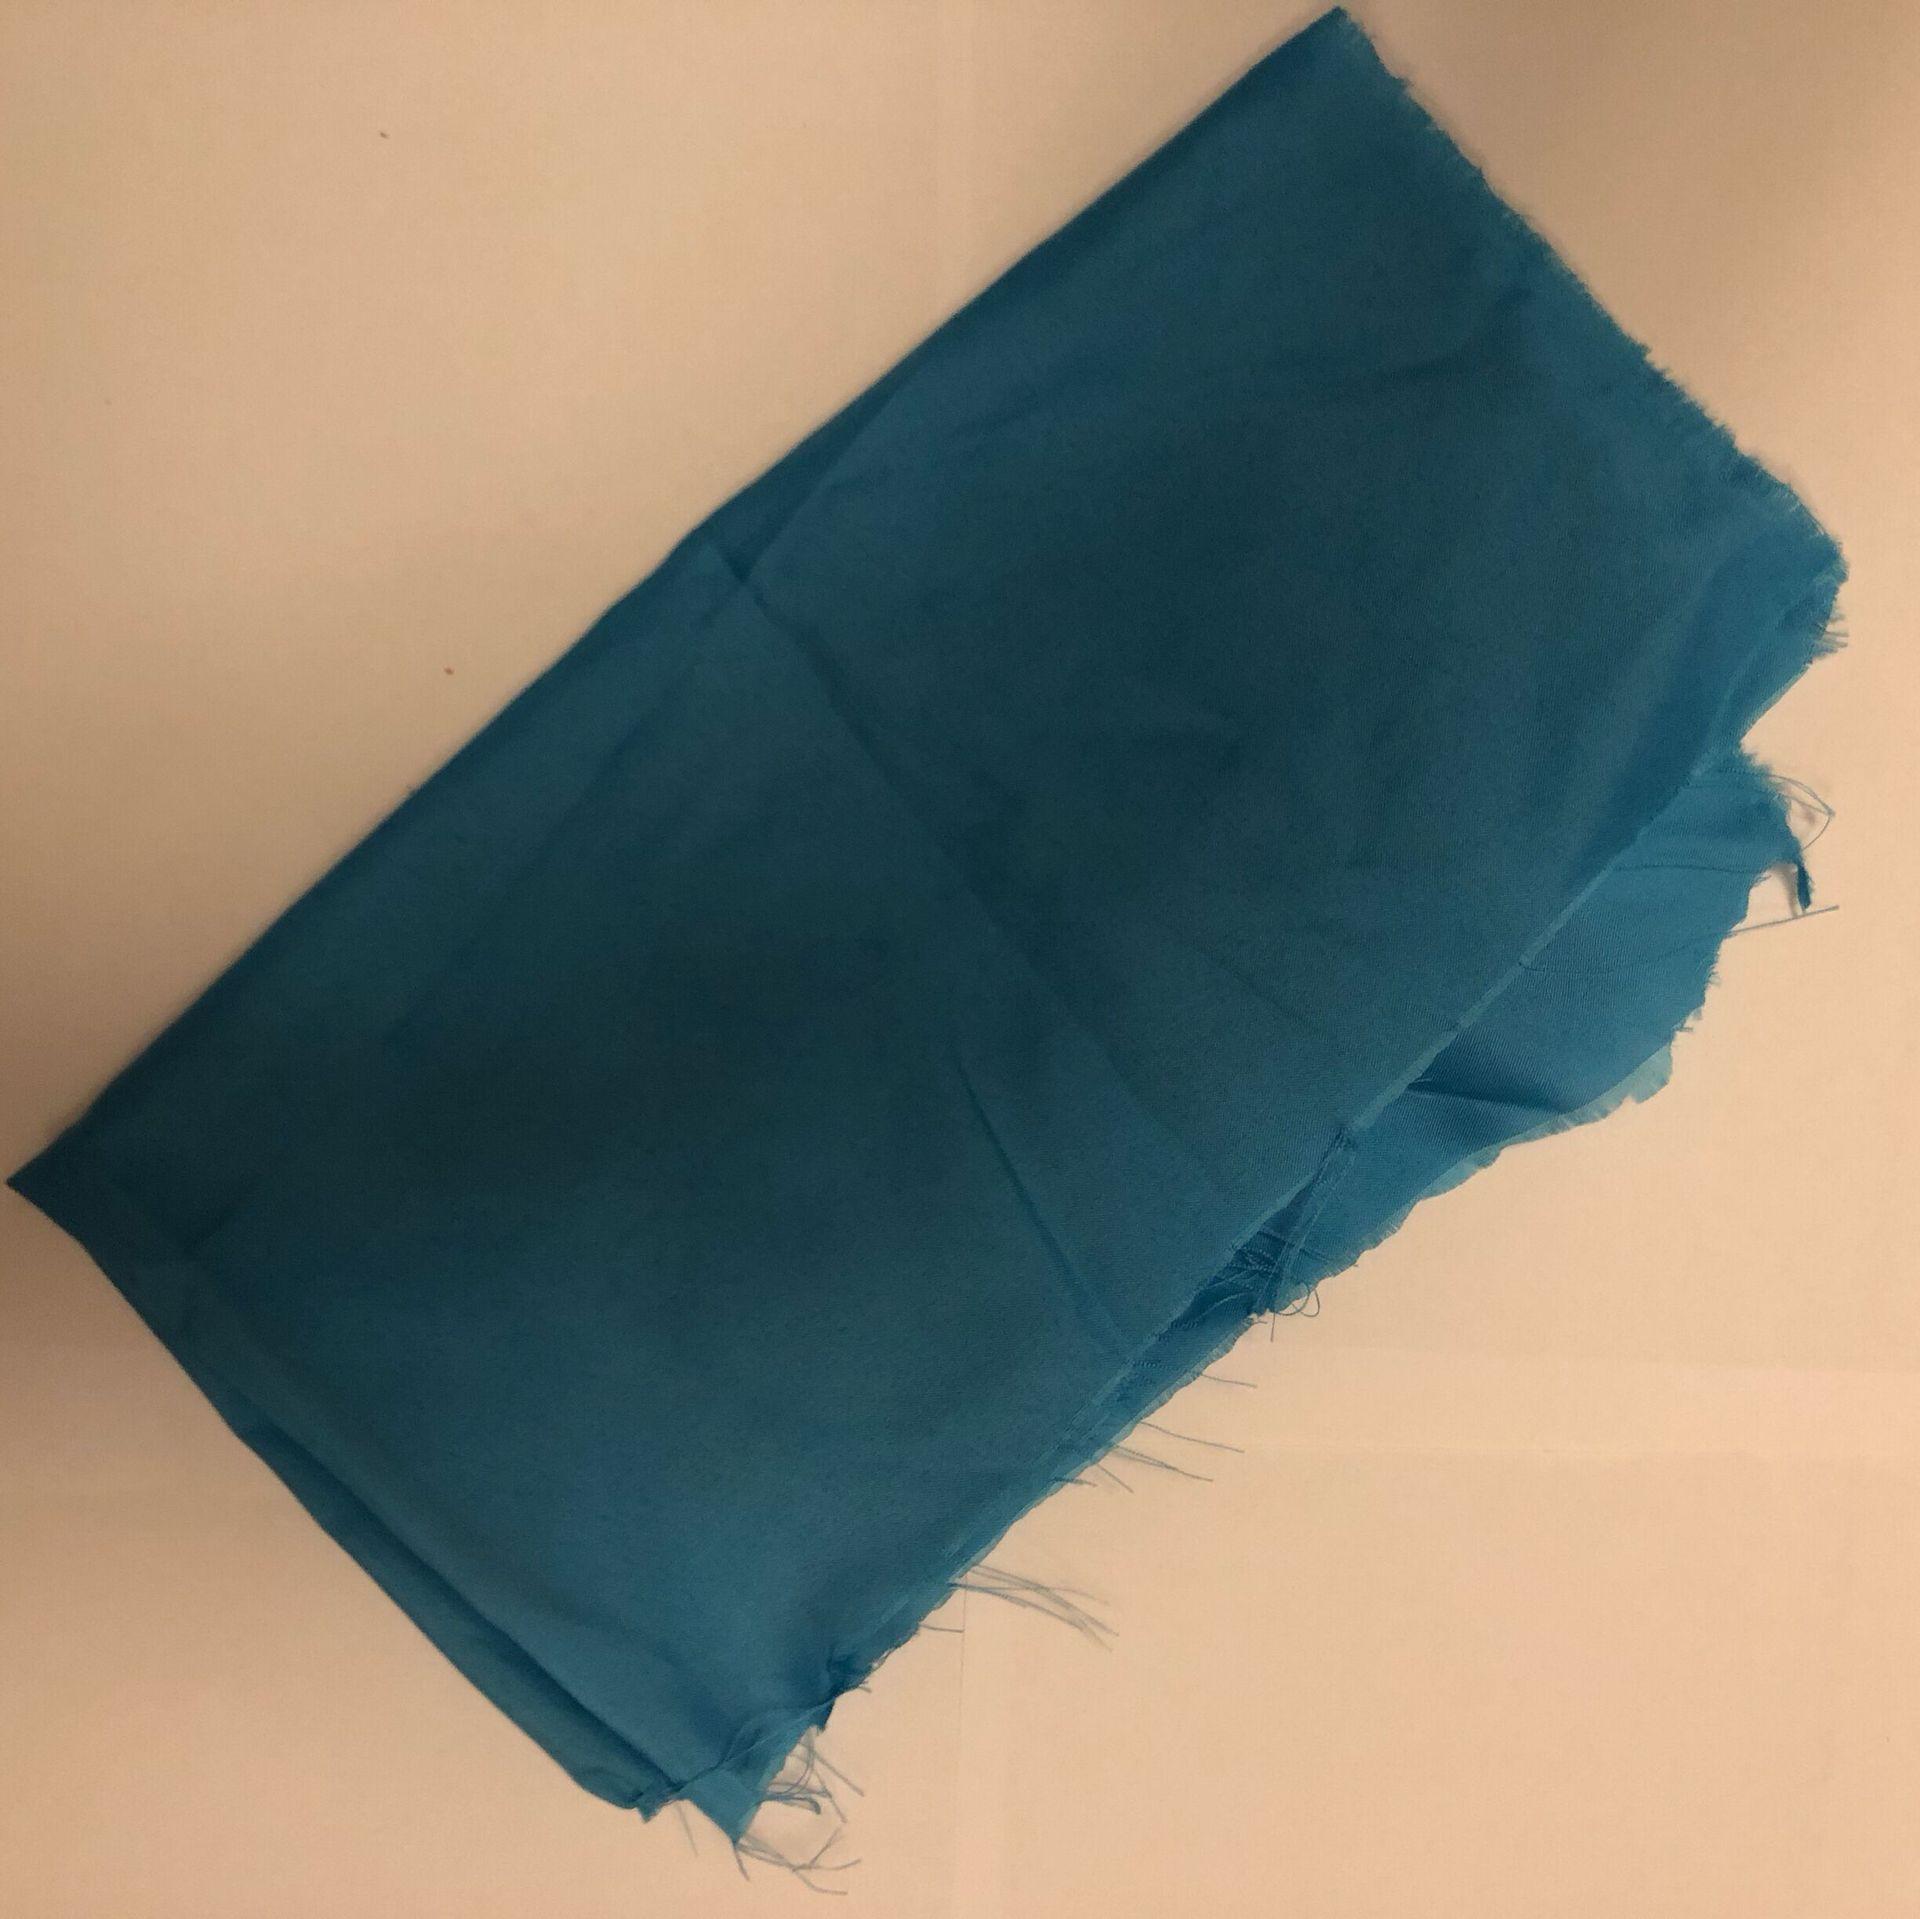 FL Vải mộc sợi hoá học Bán buôn tại chỗ 190T Chun Yafang hóa chất sợi vải vải sofa gối vải vải cờ Ch